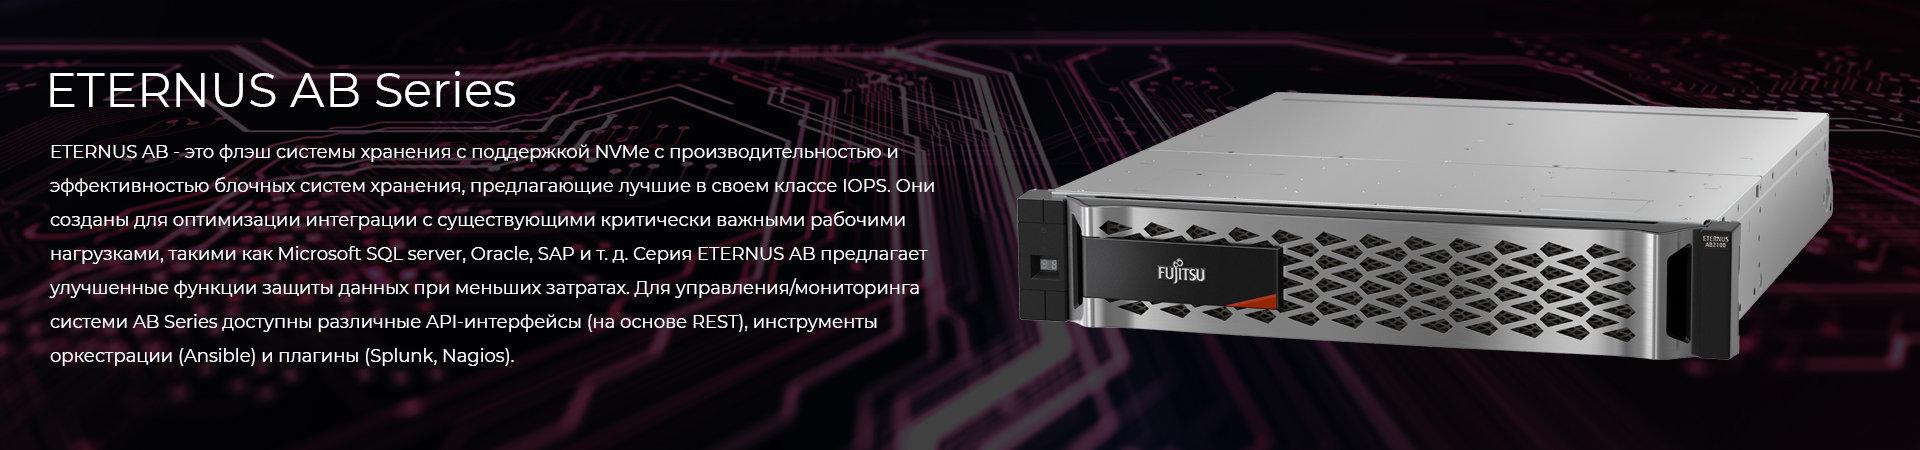 Система хранения данных Fujitsu AB серии